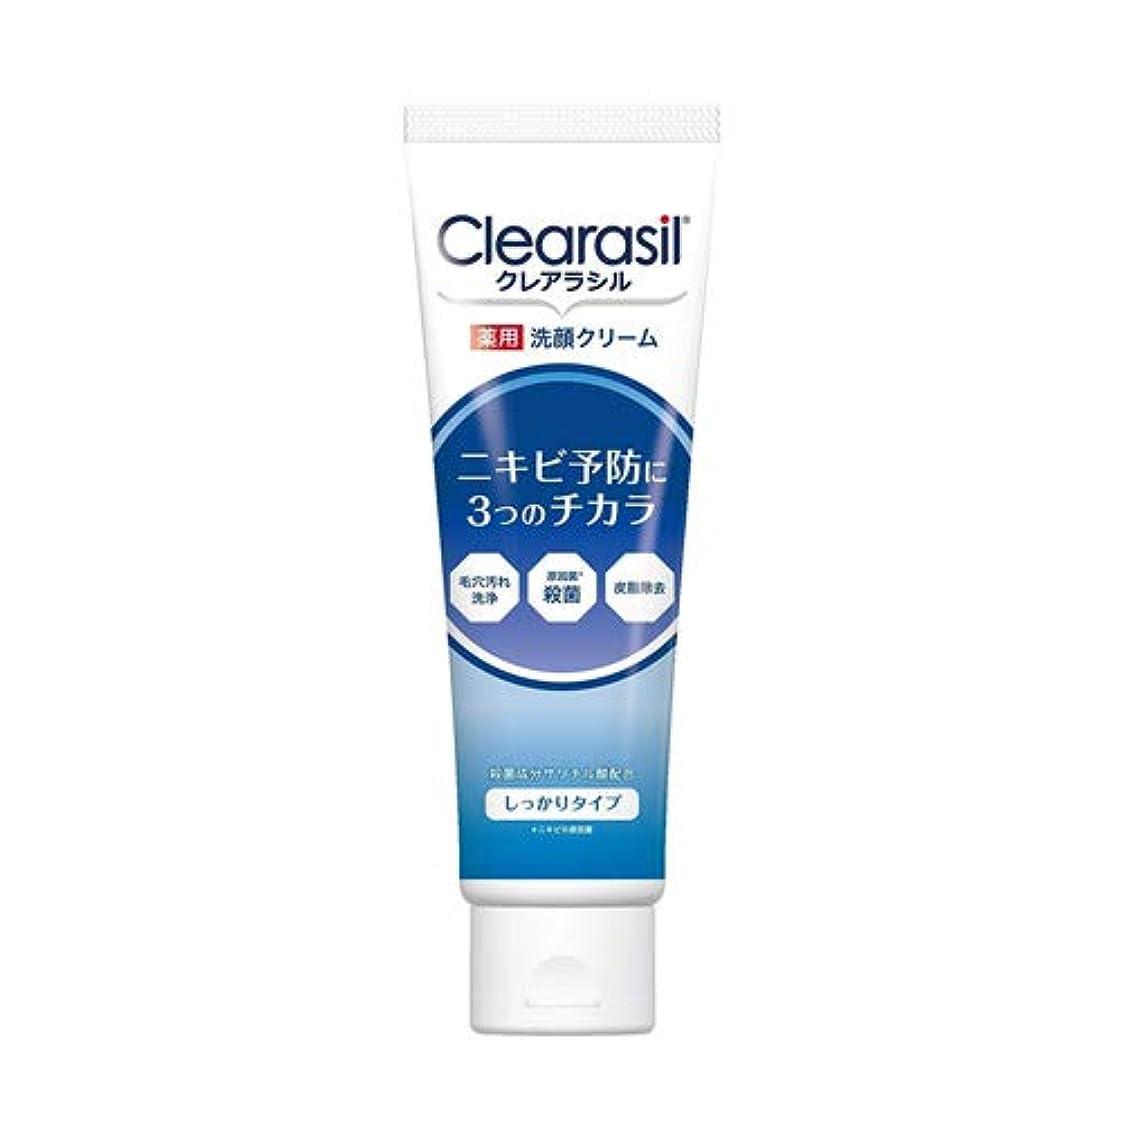 すぐに哲学文芸クレアラシル 薬用 洗顔クリーム しっかりタイプ 120g 【医薬部外品】